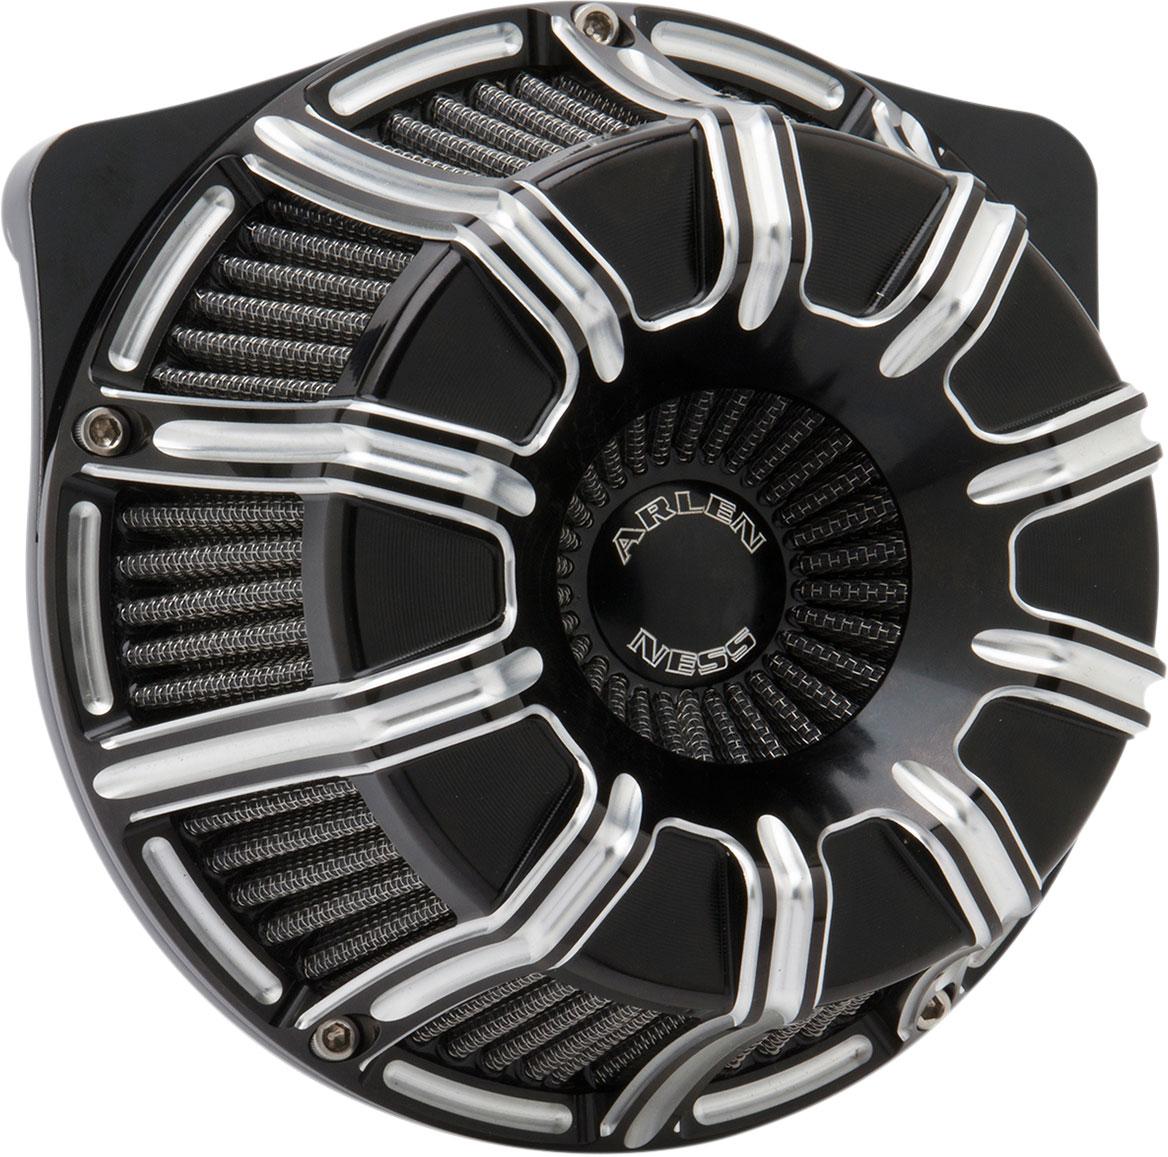 Arlen Ness - 18-947 - Inverted Series Air Cleaner Kit, 10-Gauge - Black